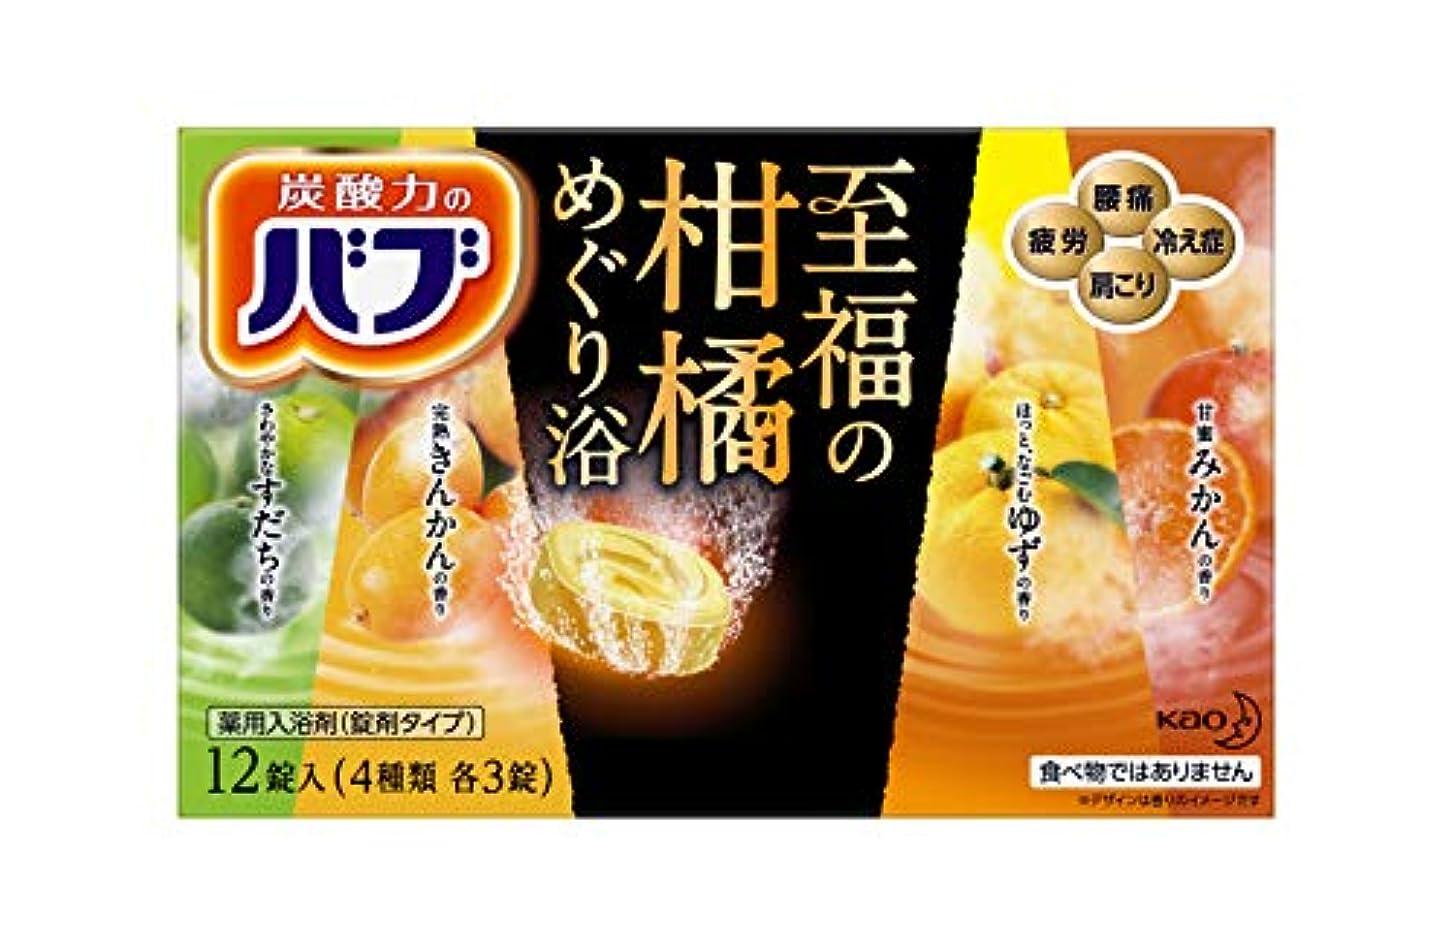 シェフ全能スポンジバブ 至福の柑橘めぐり浴 12錠入 (4種類各3錠入)